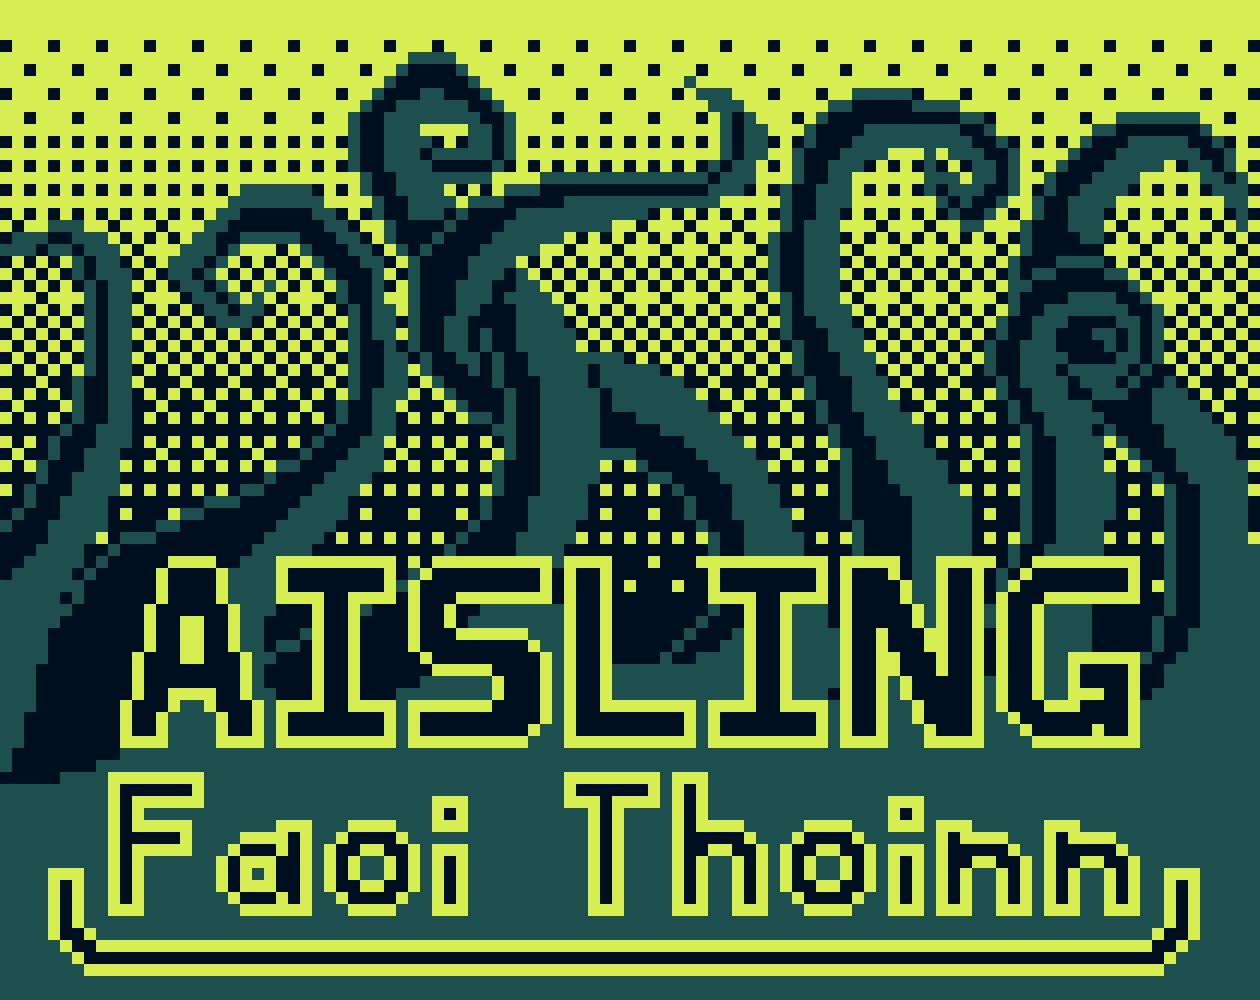 Aisling Faoi Thoinn